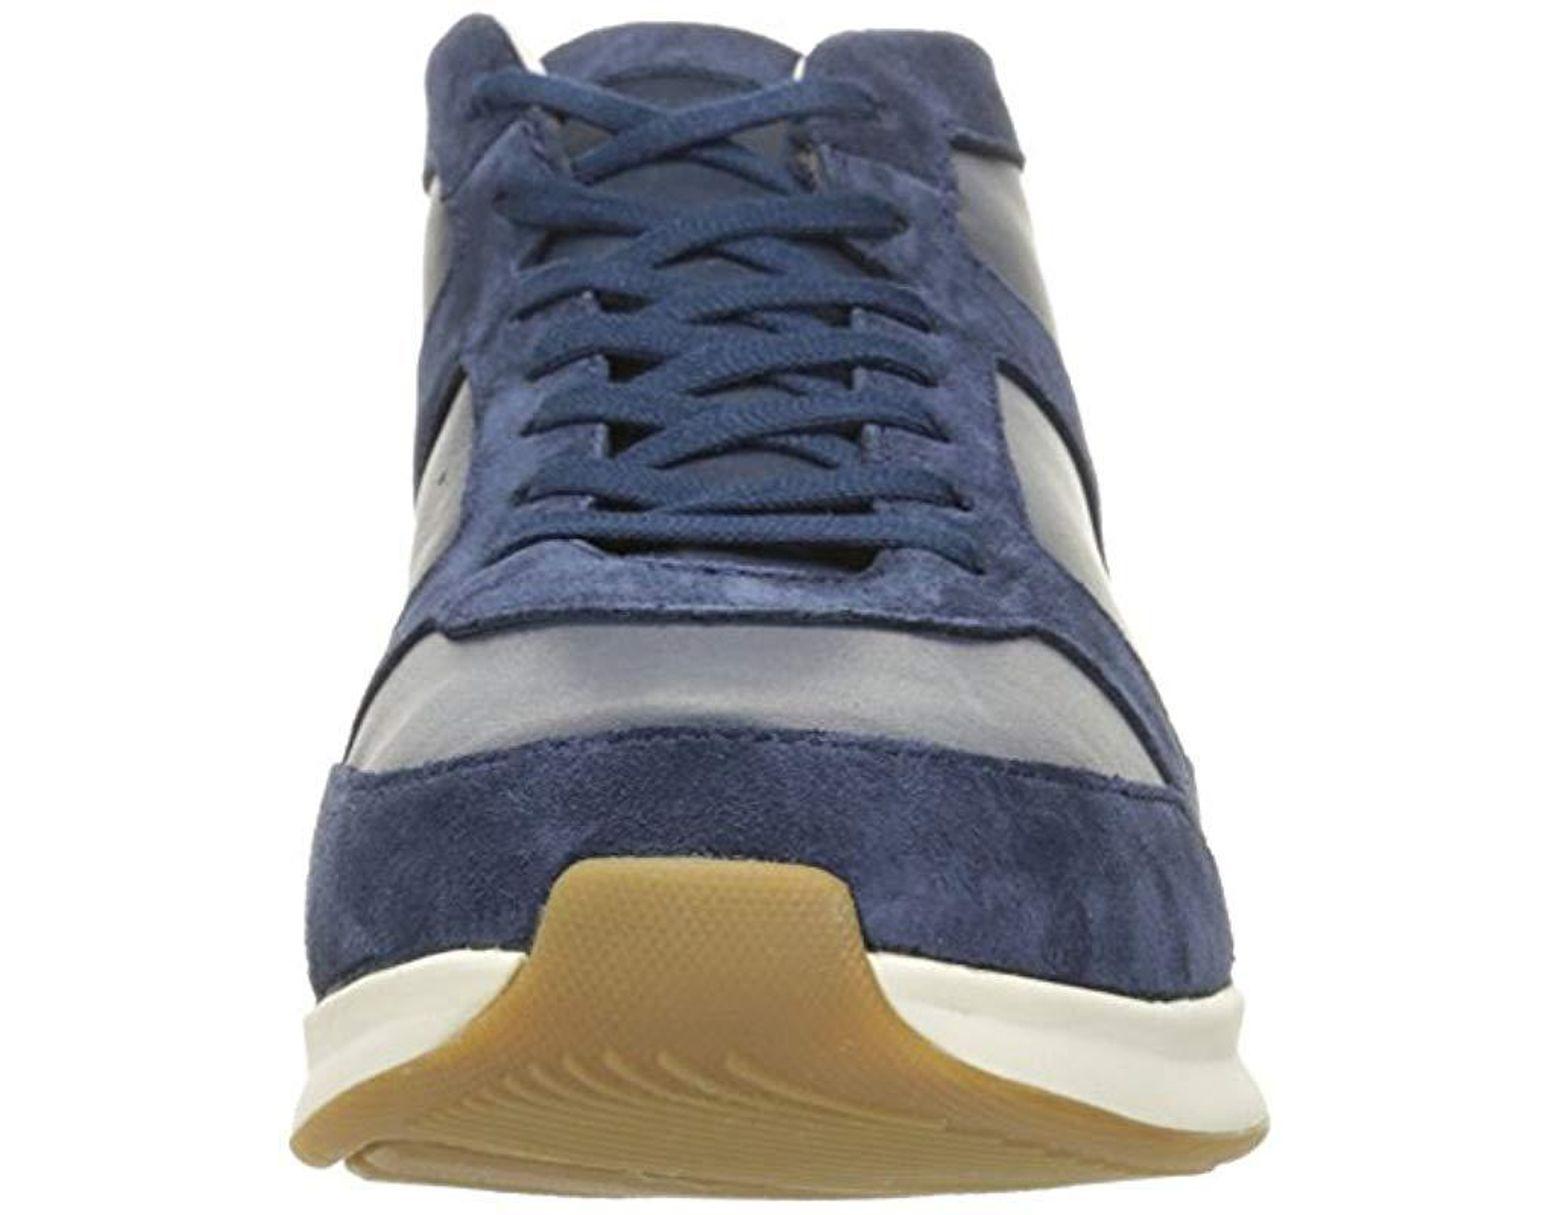 2b6356f6de Lacoste Joggeur Mid 316 1 Cam Fashion Sneaker in Blue for Men - Lyst